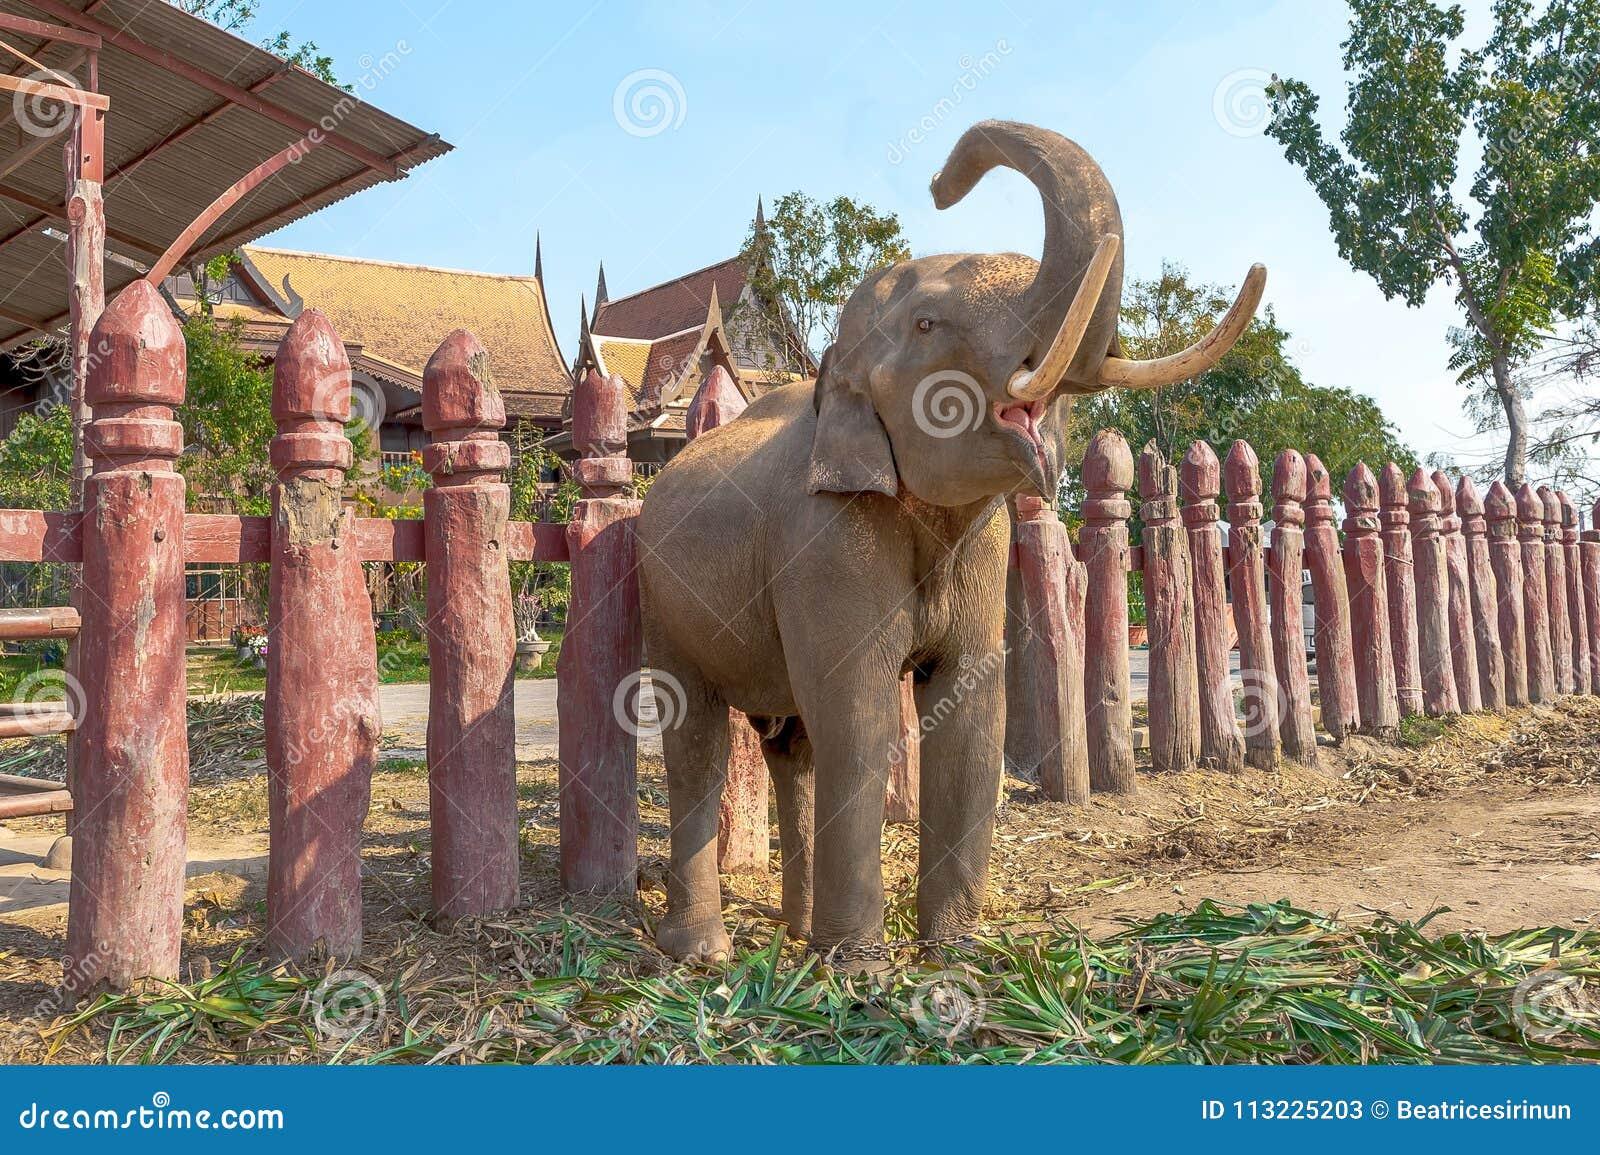 Trumpeta för elefant Vråla för elefant